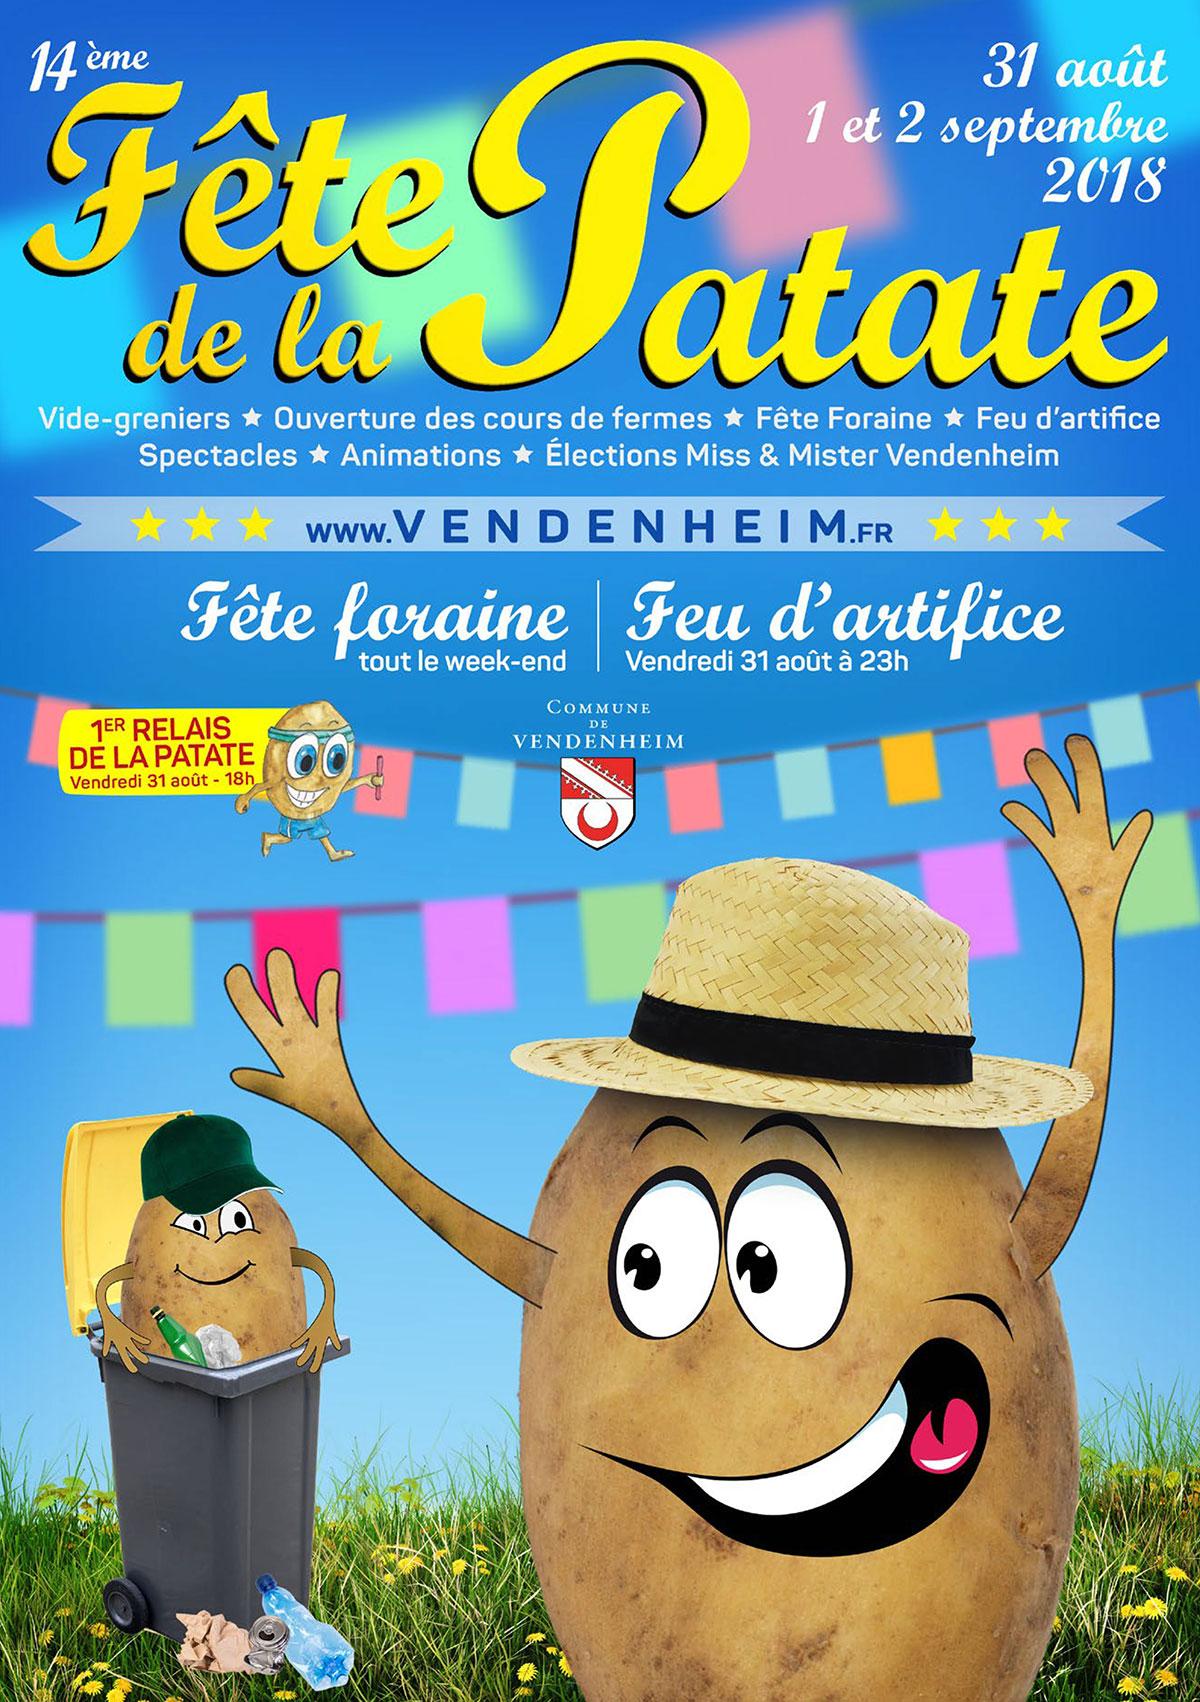 FETE_DE_LA_PATATE_2018_Page_1